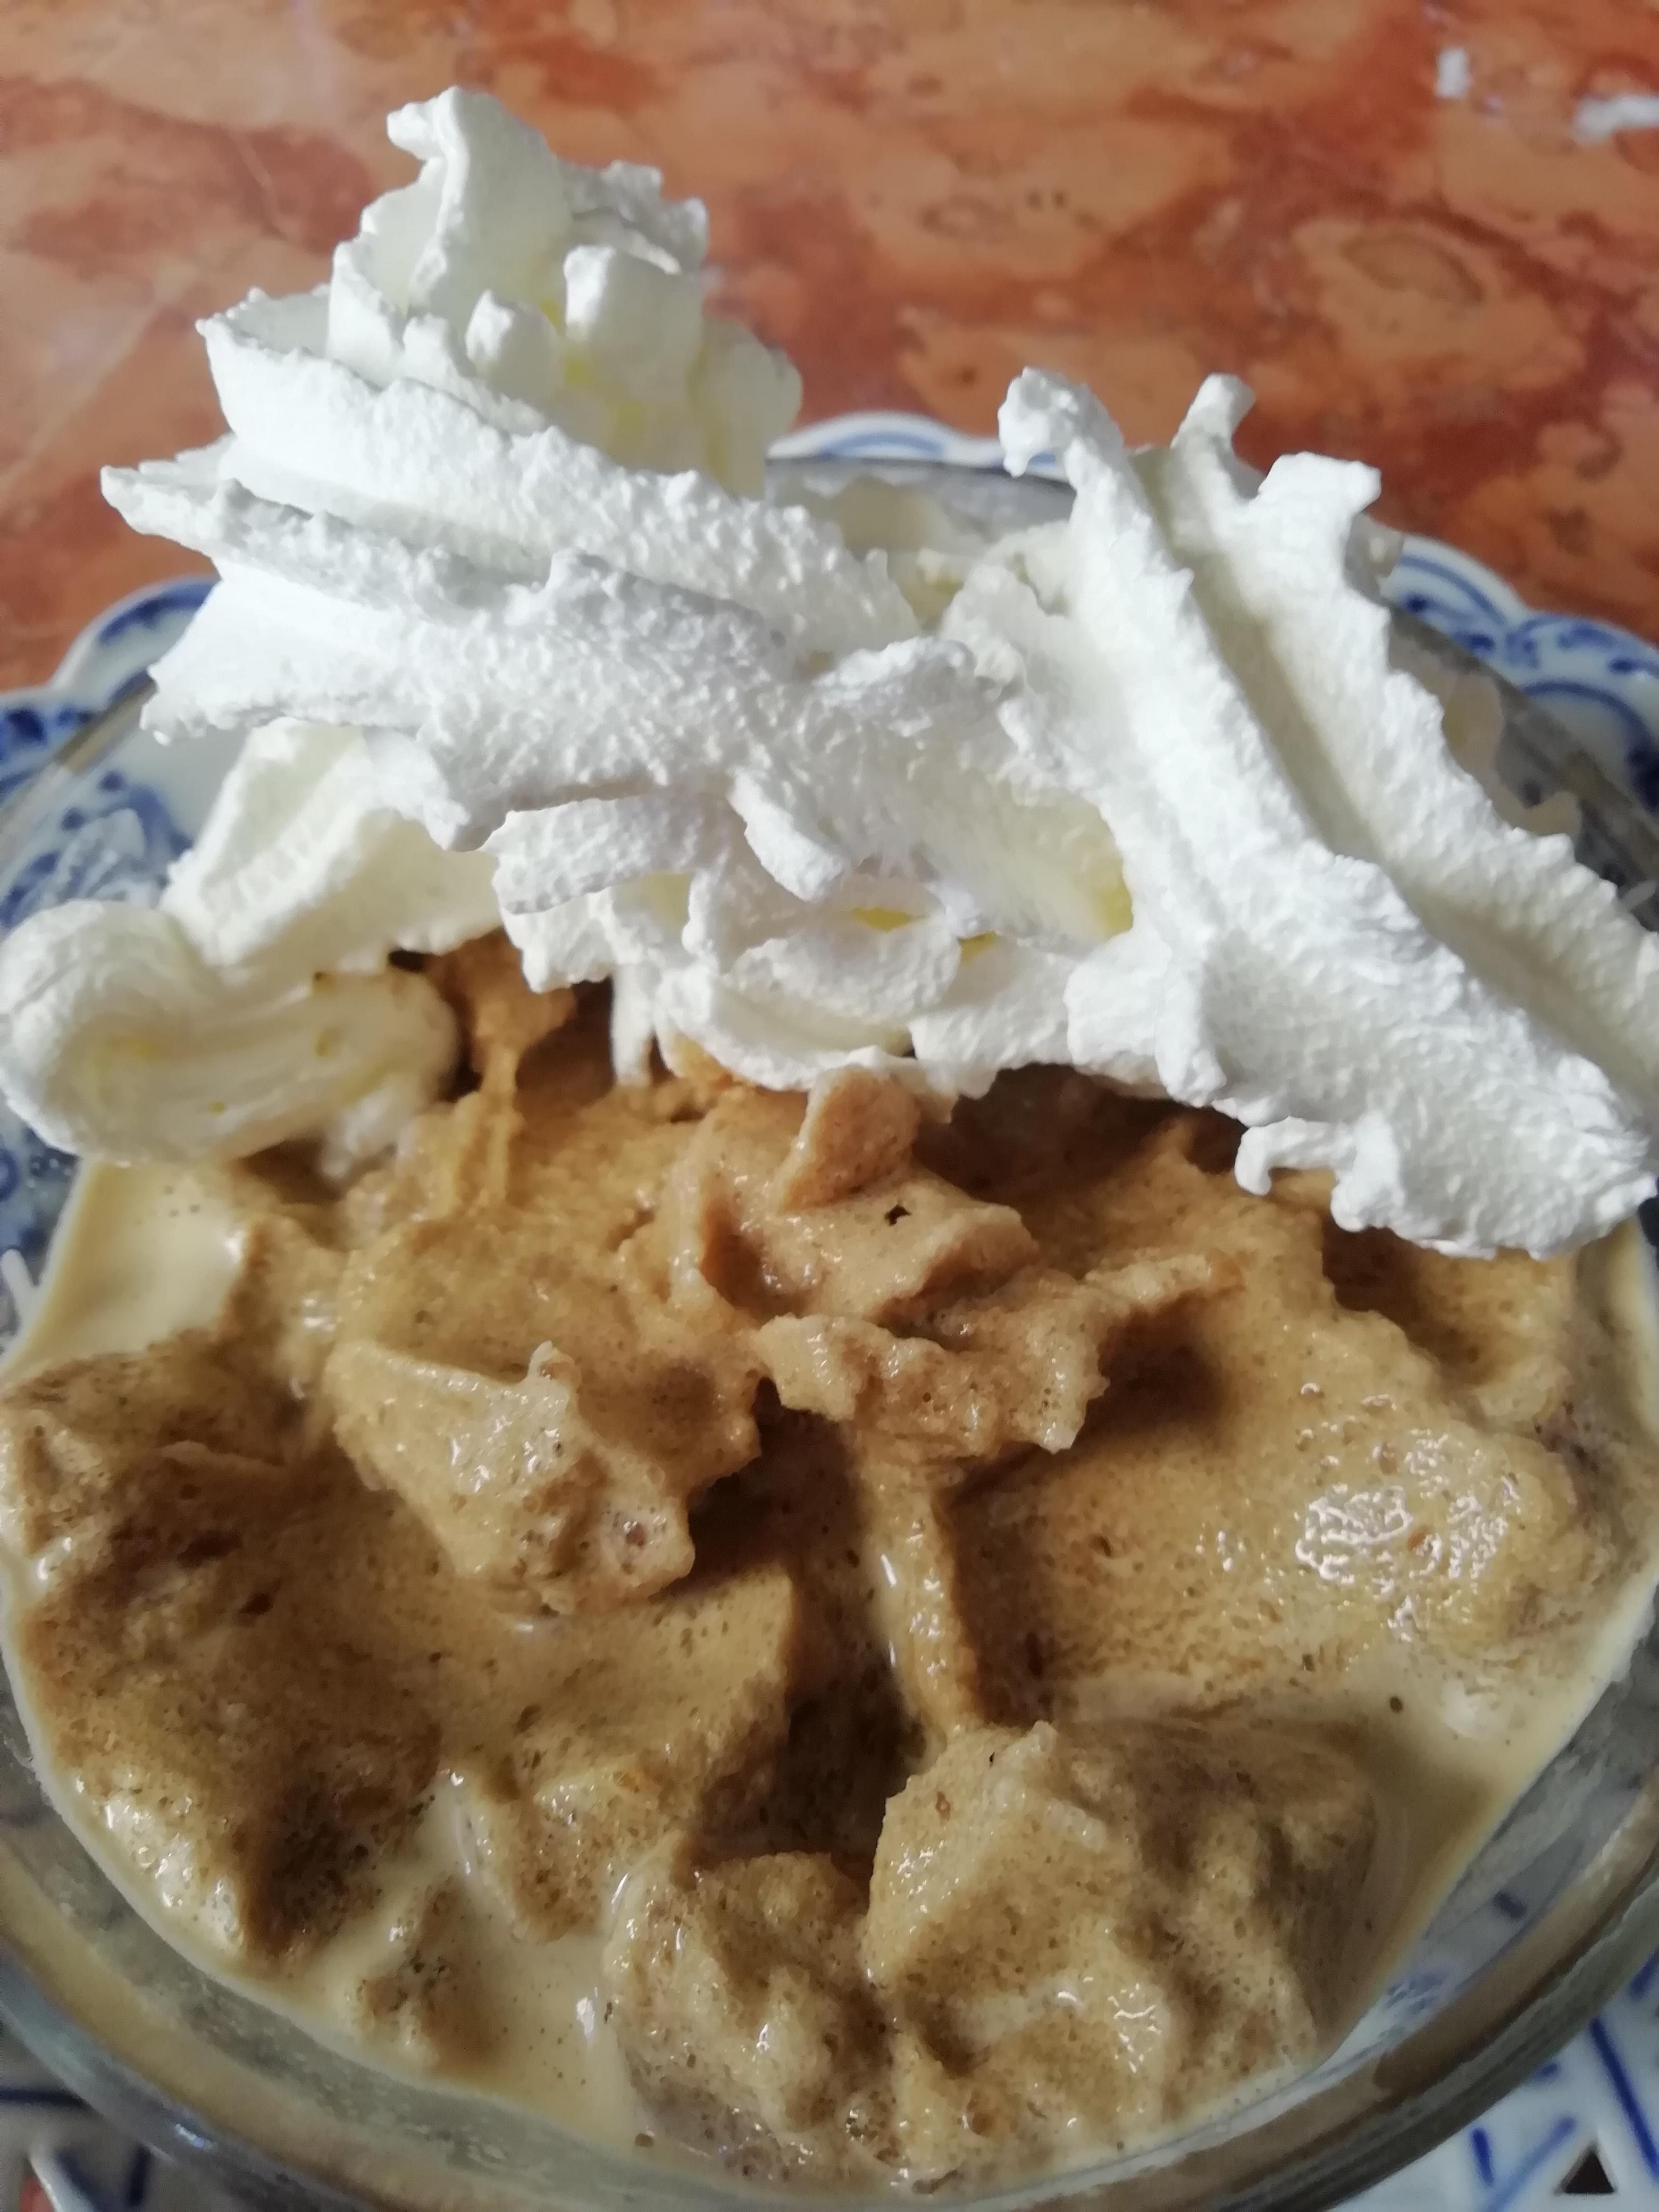 Cappuccino gelato with cream